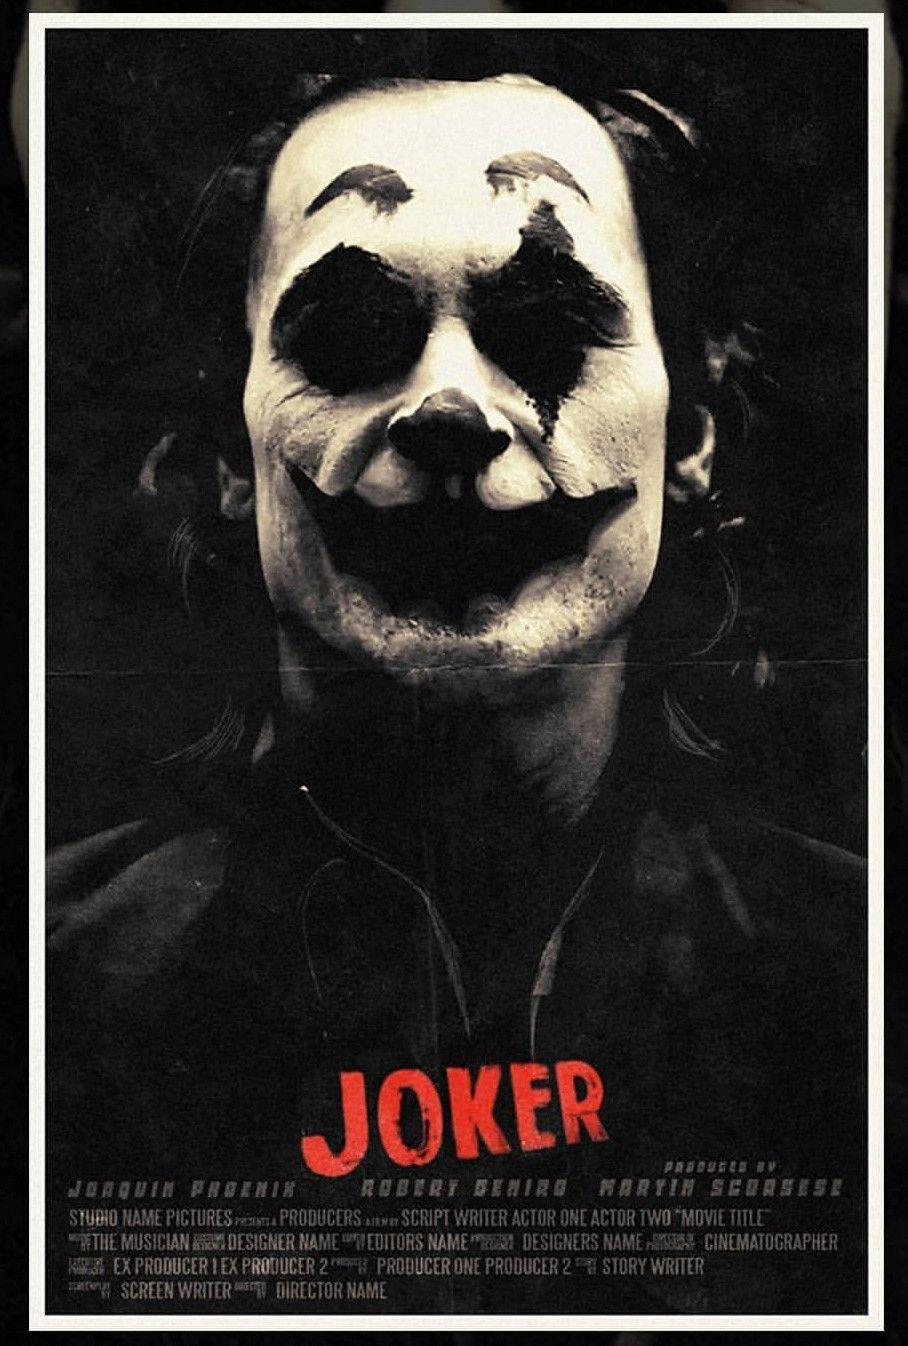 joker poster - black and white make-up